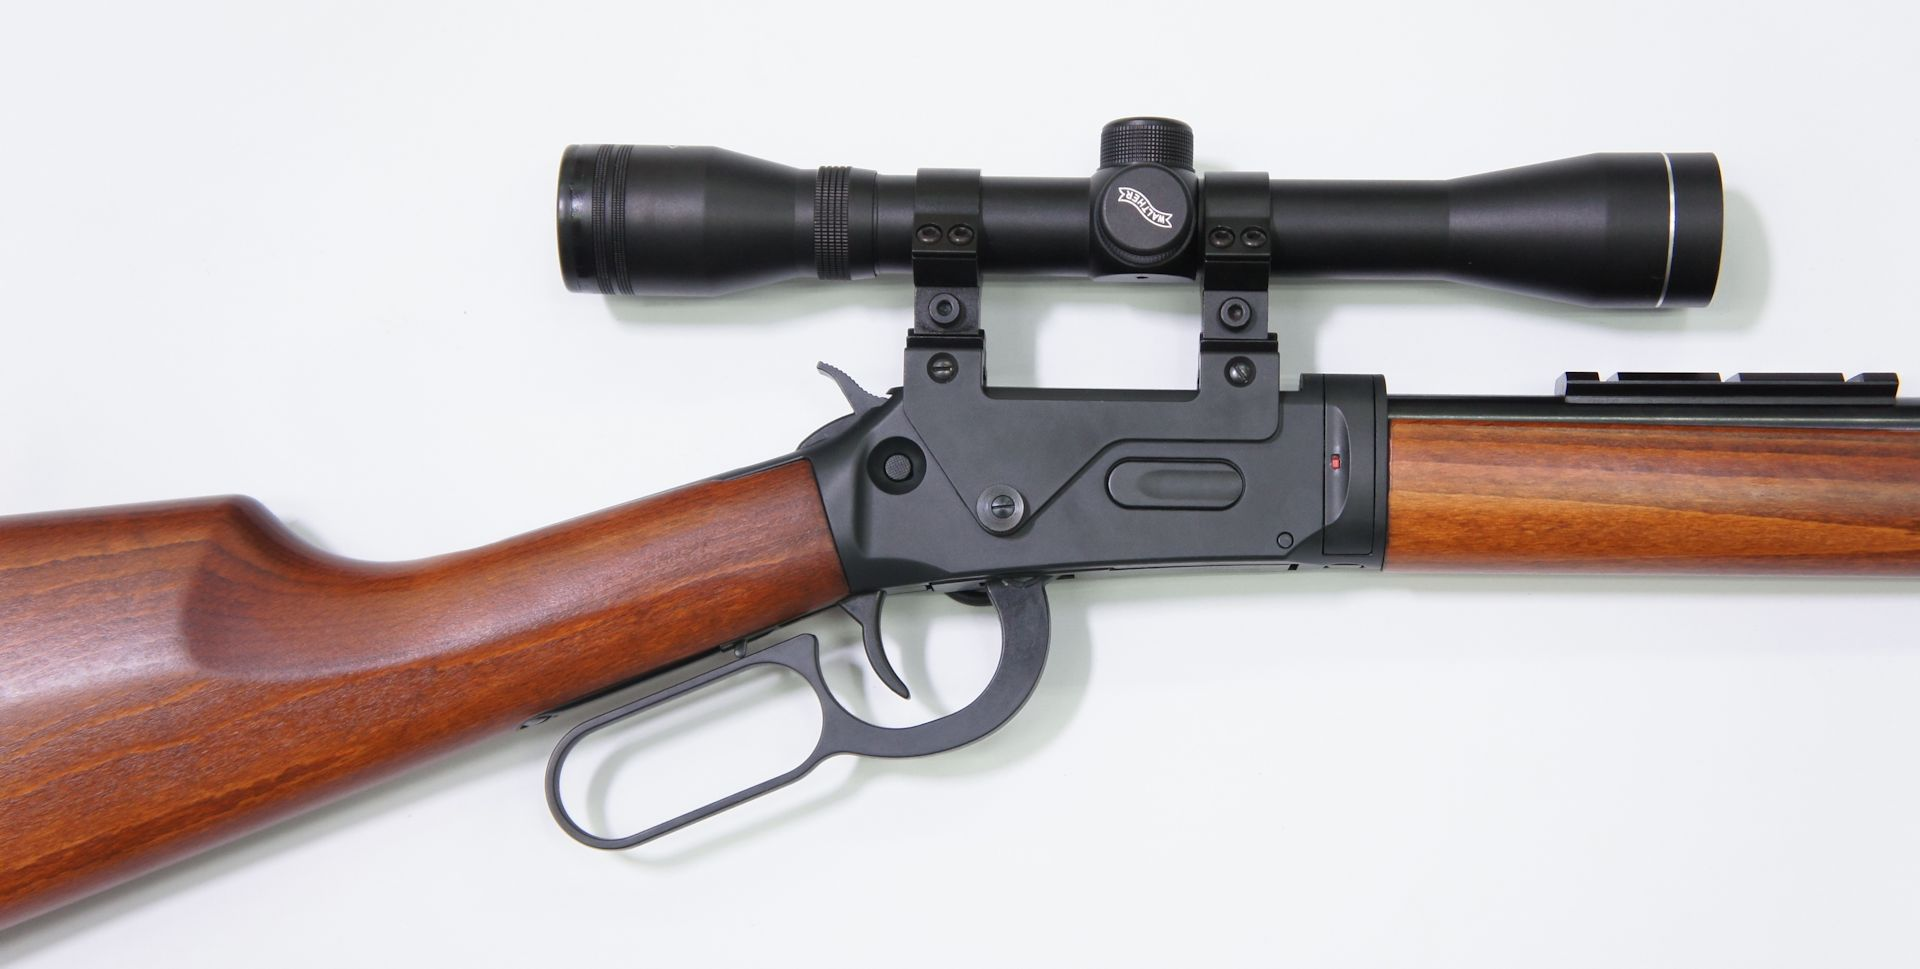 Ansicht von Rechts: Montagebeispiel mit <a href=1130132.htm>Zielfernrohr 4x32 der Marke Walther</a> am CO2 Gewehr Walther LeverAction